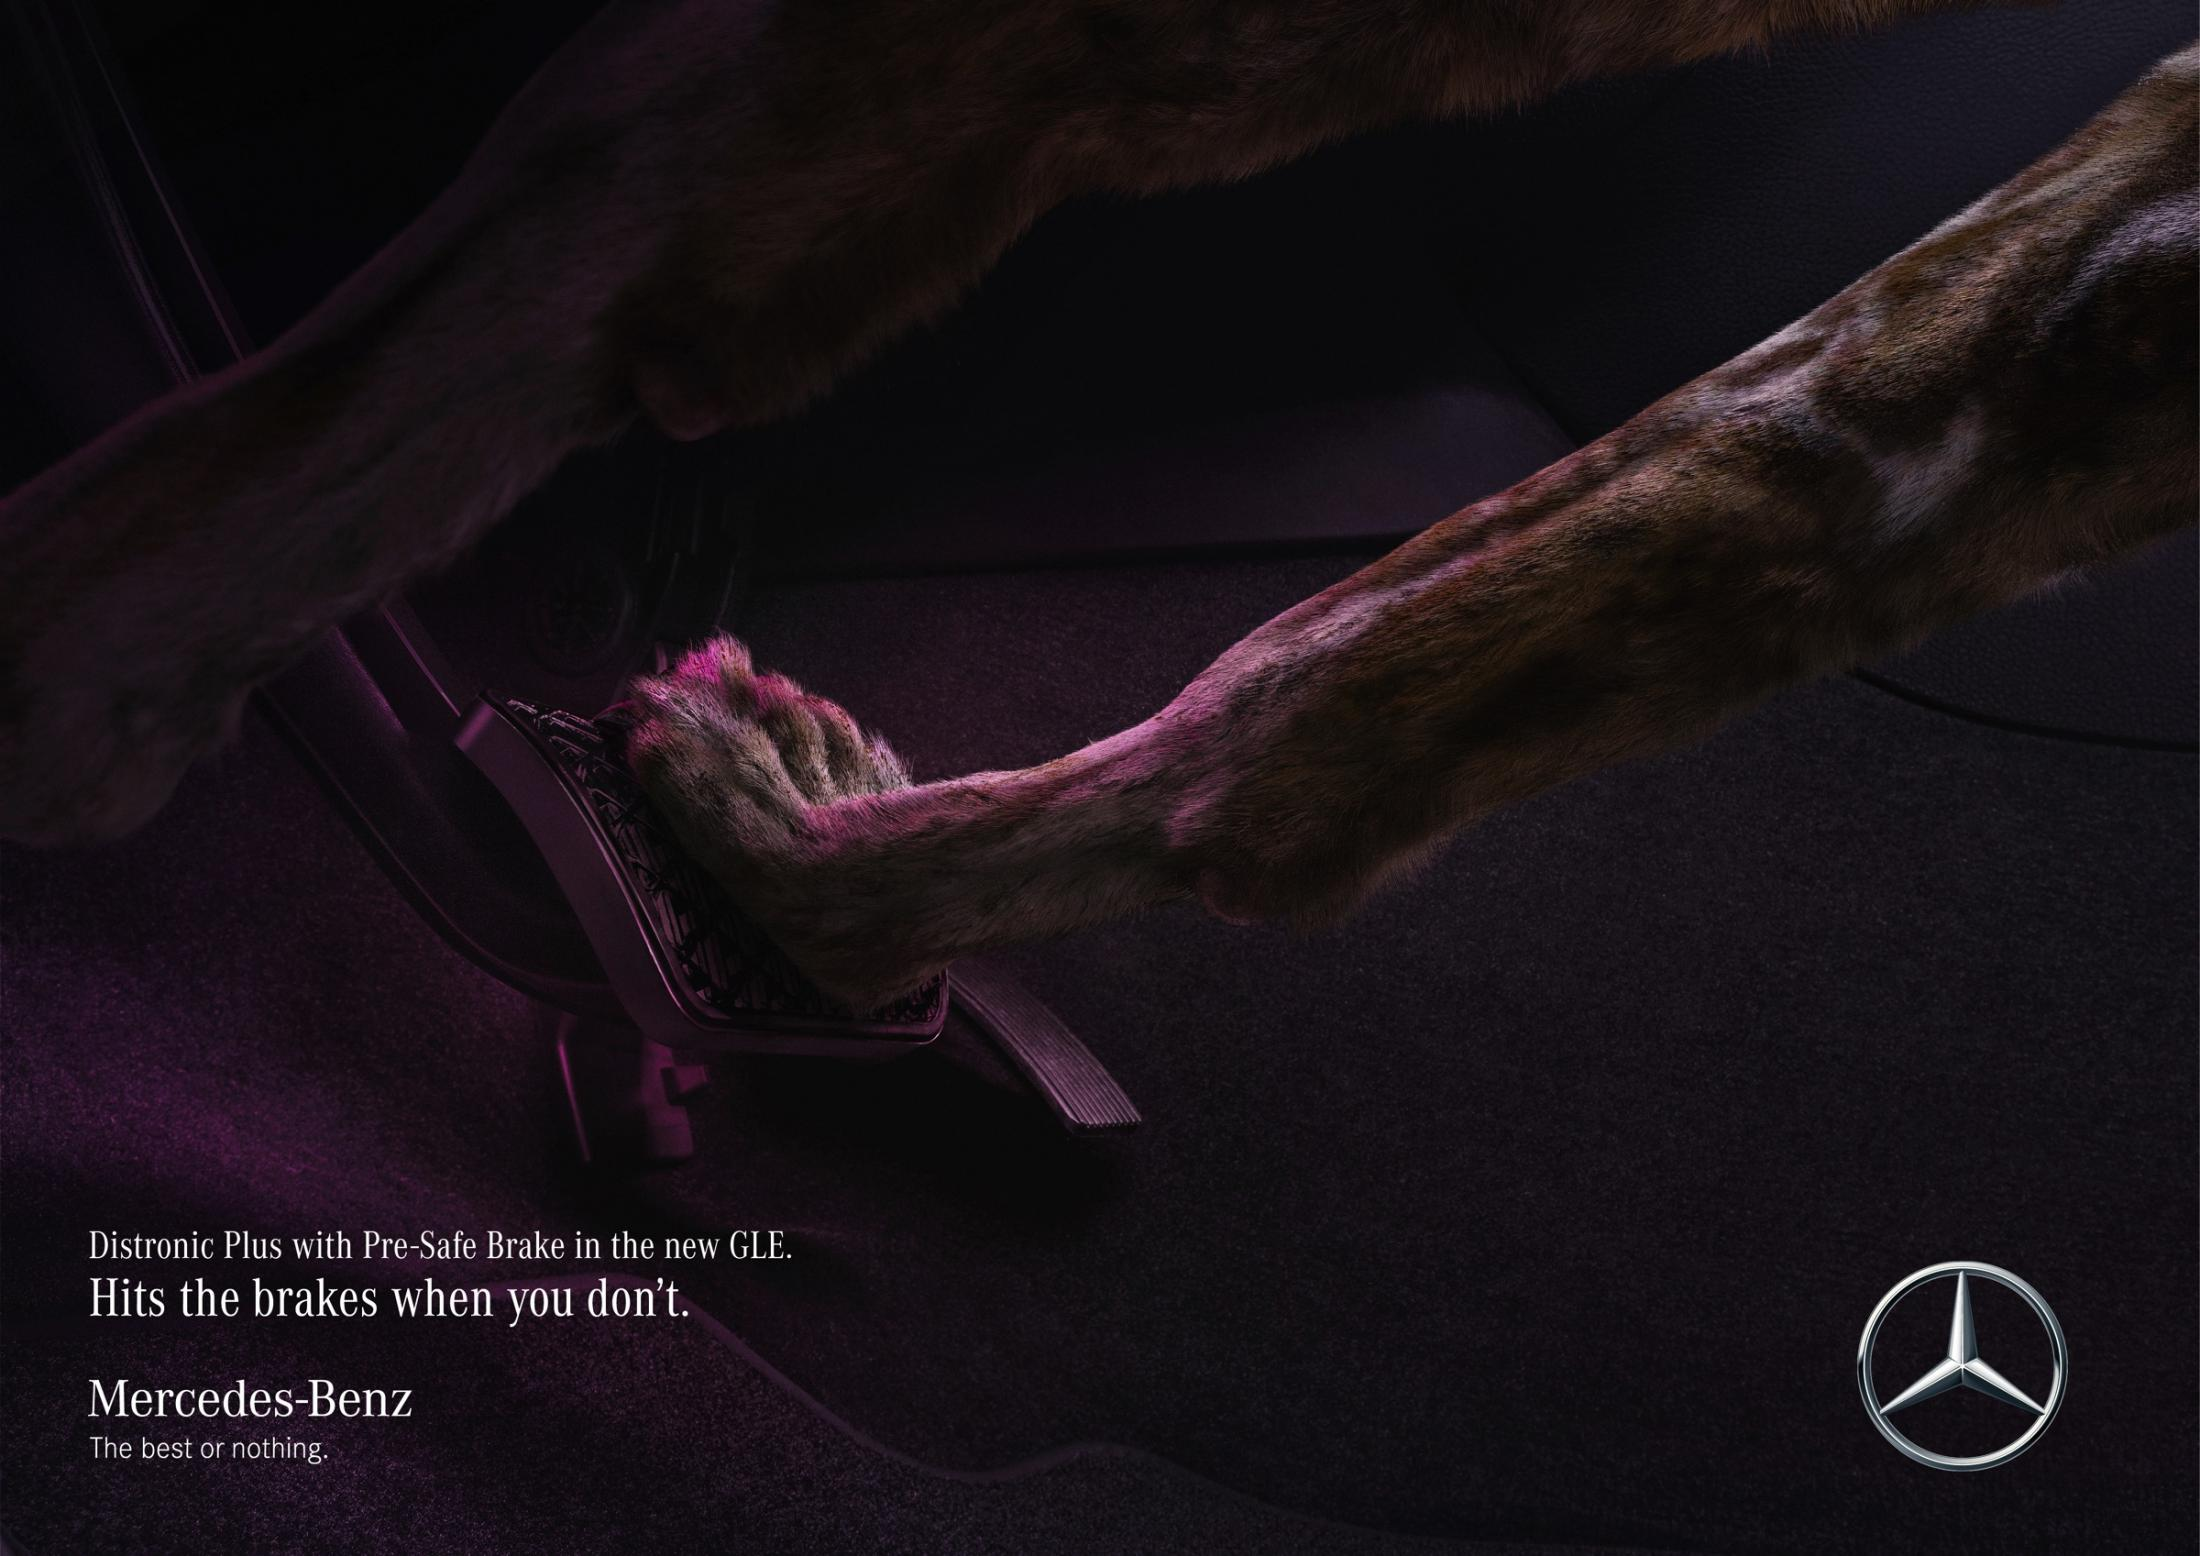 Mercedes Print Ad - Wild dog saves wild dog